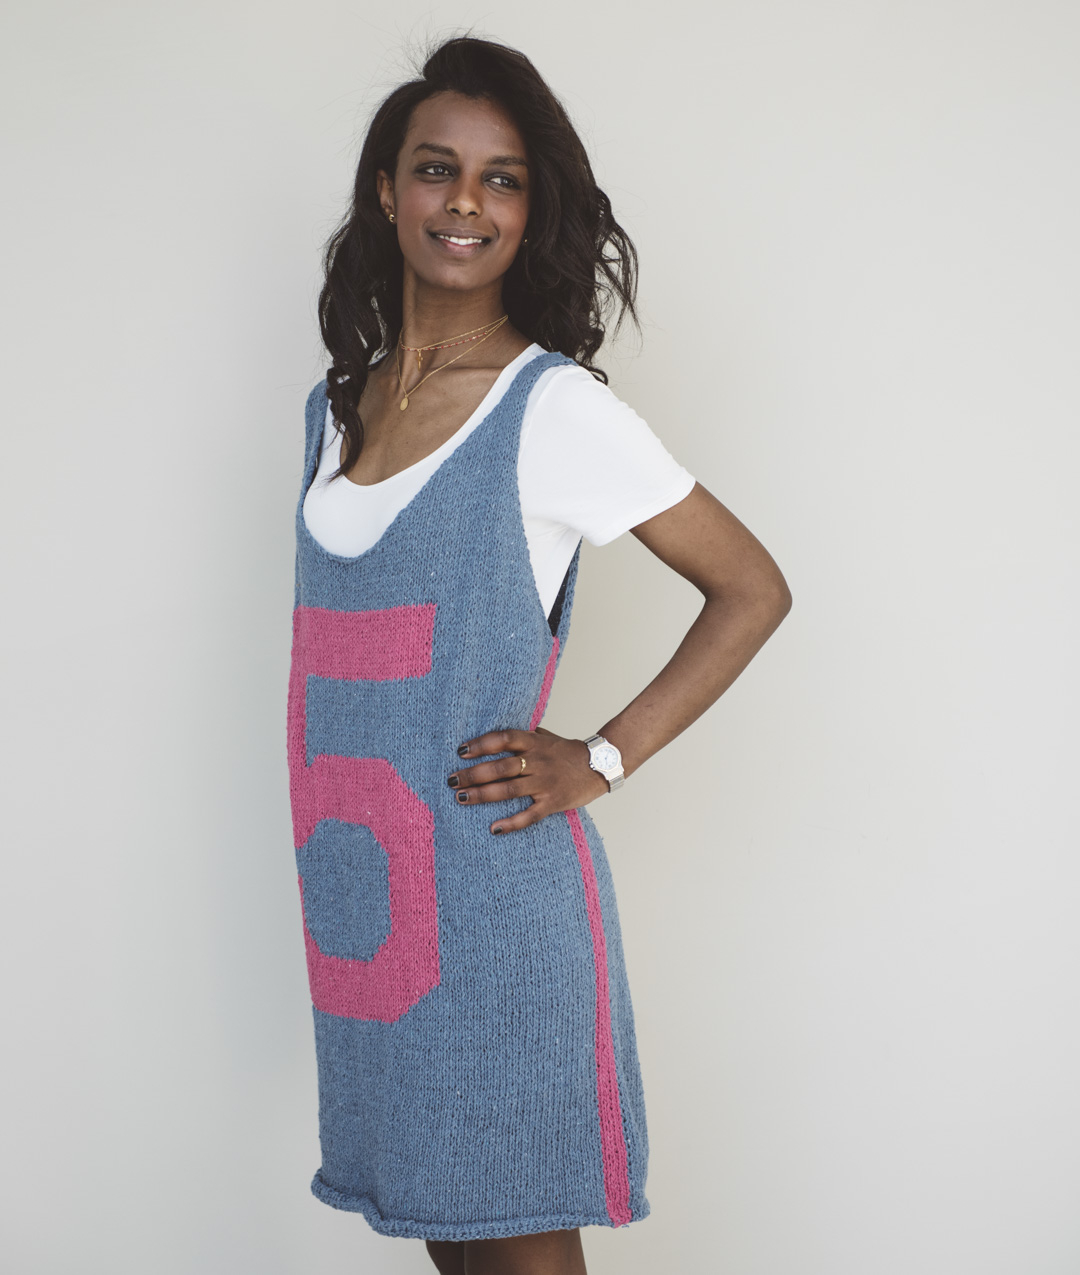 Collezione Jeans - Abiti - Give Me 5 Dress - 1